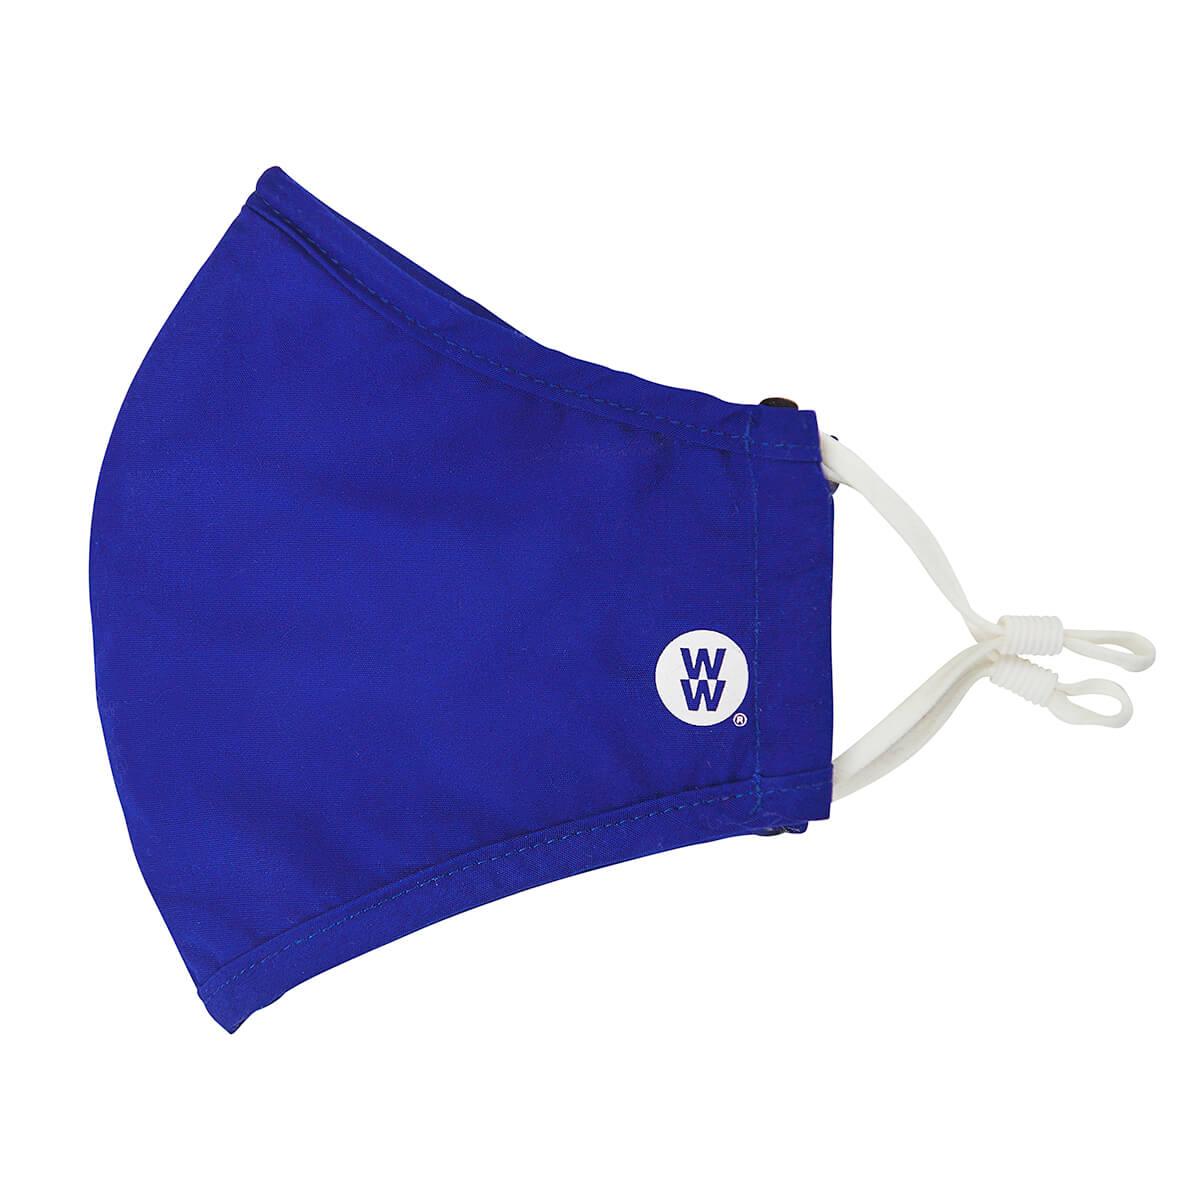 WW Reusable Cloth Mask - side